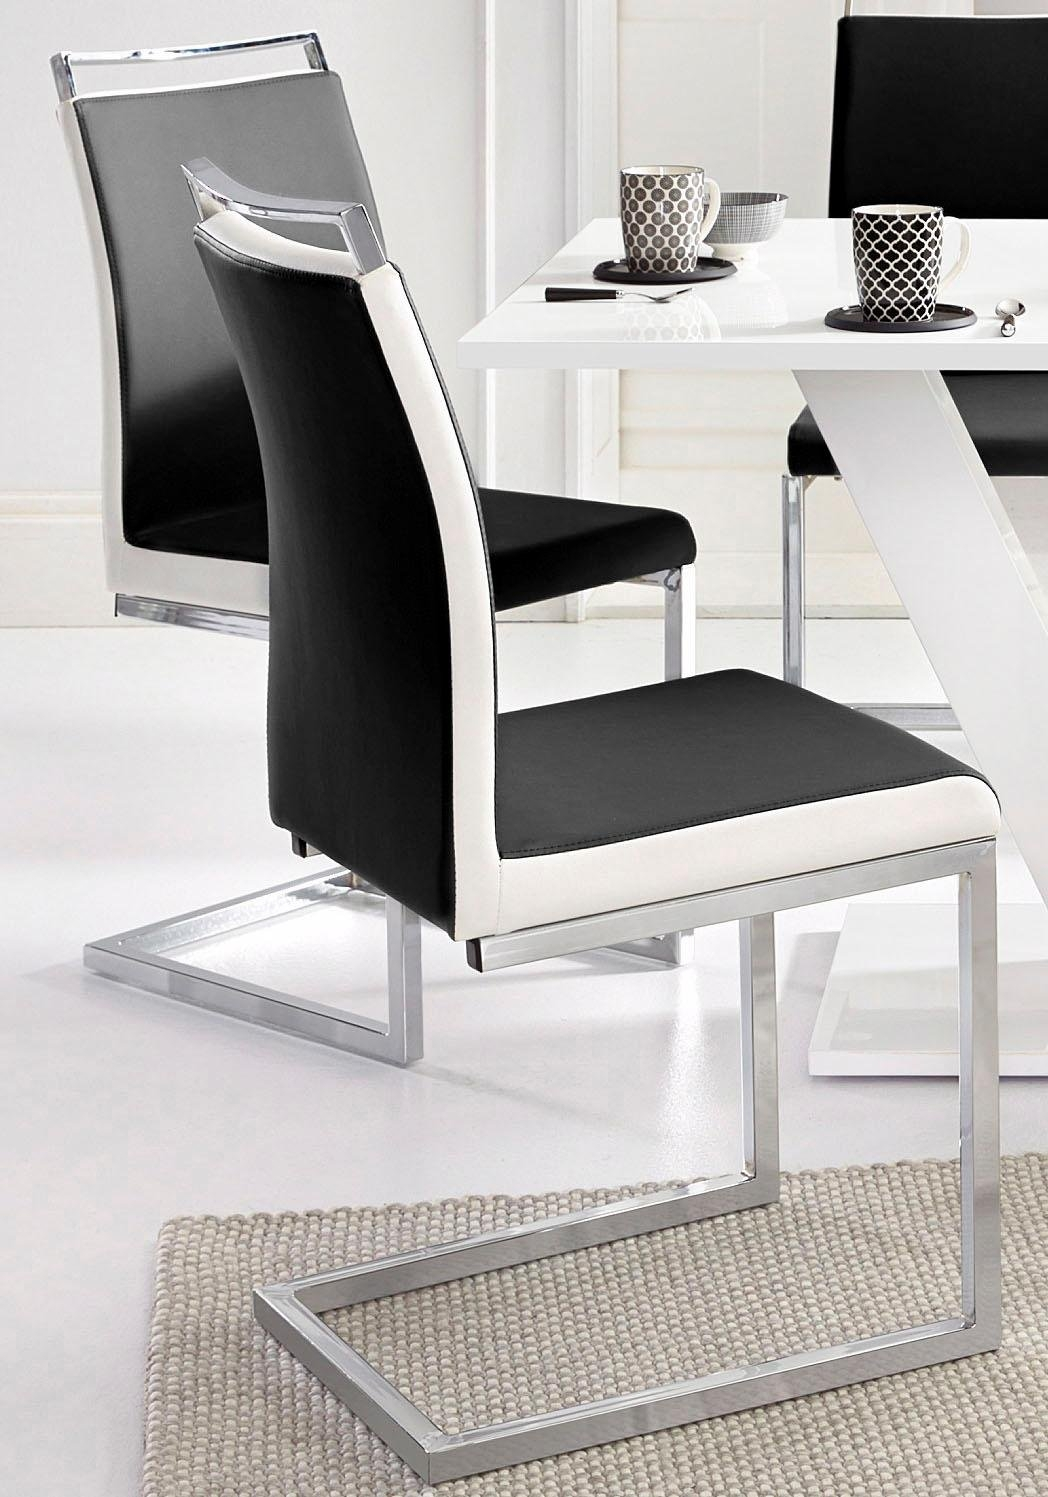 Vrijdragende stoel (set van 2) - gratis ruilen op otto.nl